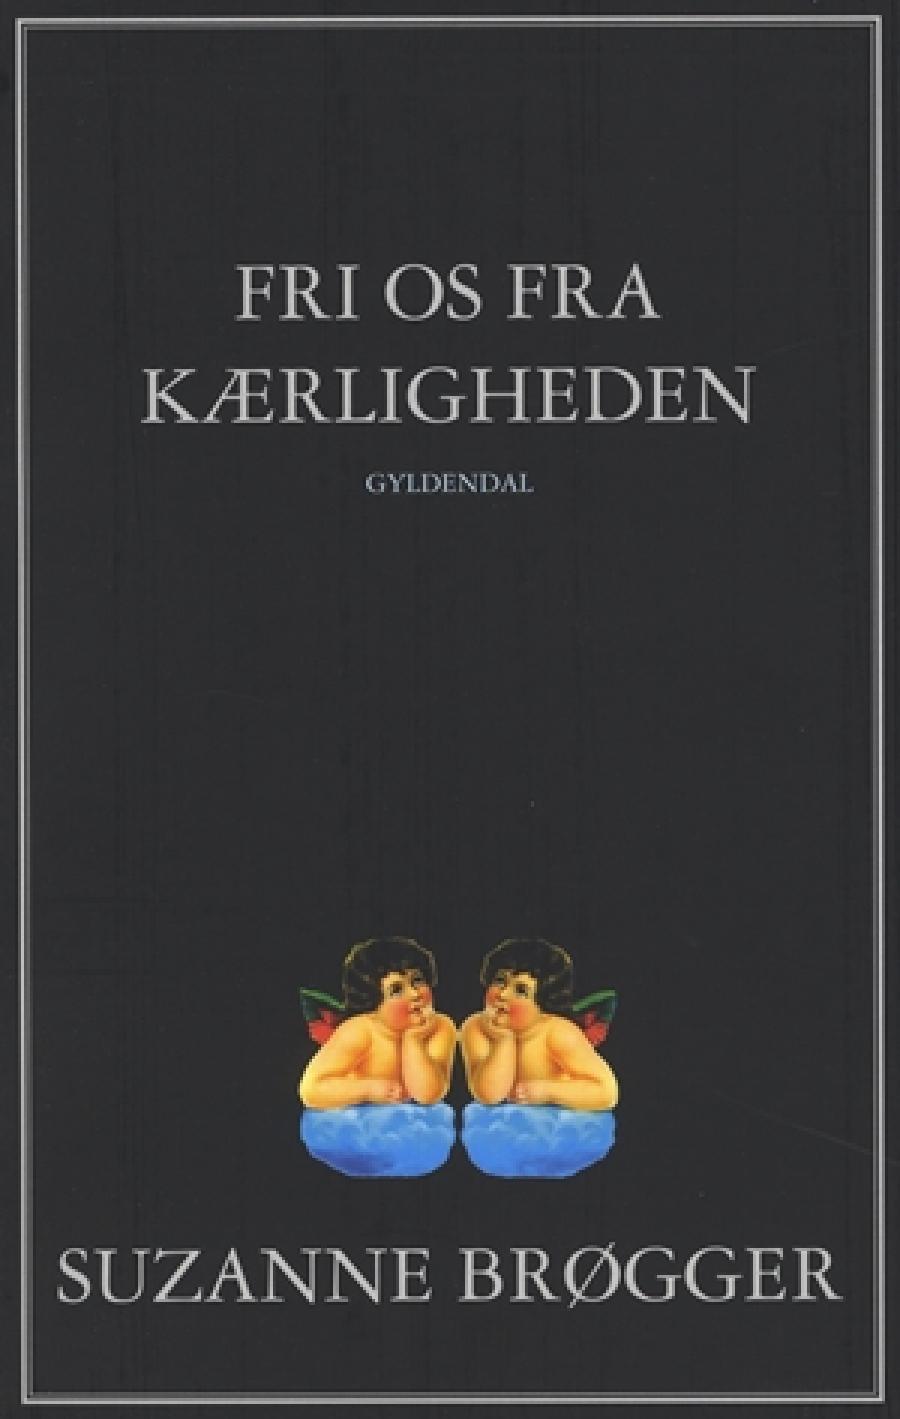 fri_os_fra_kaerligheden_gyldendal.jpg